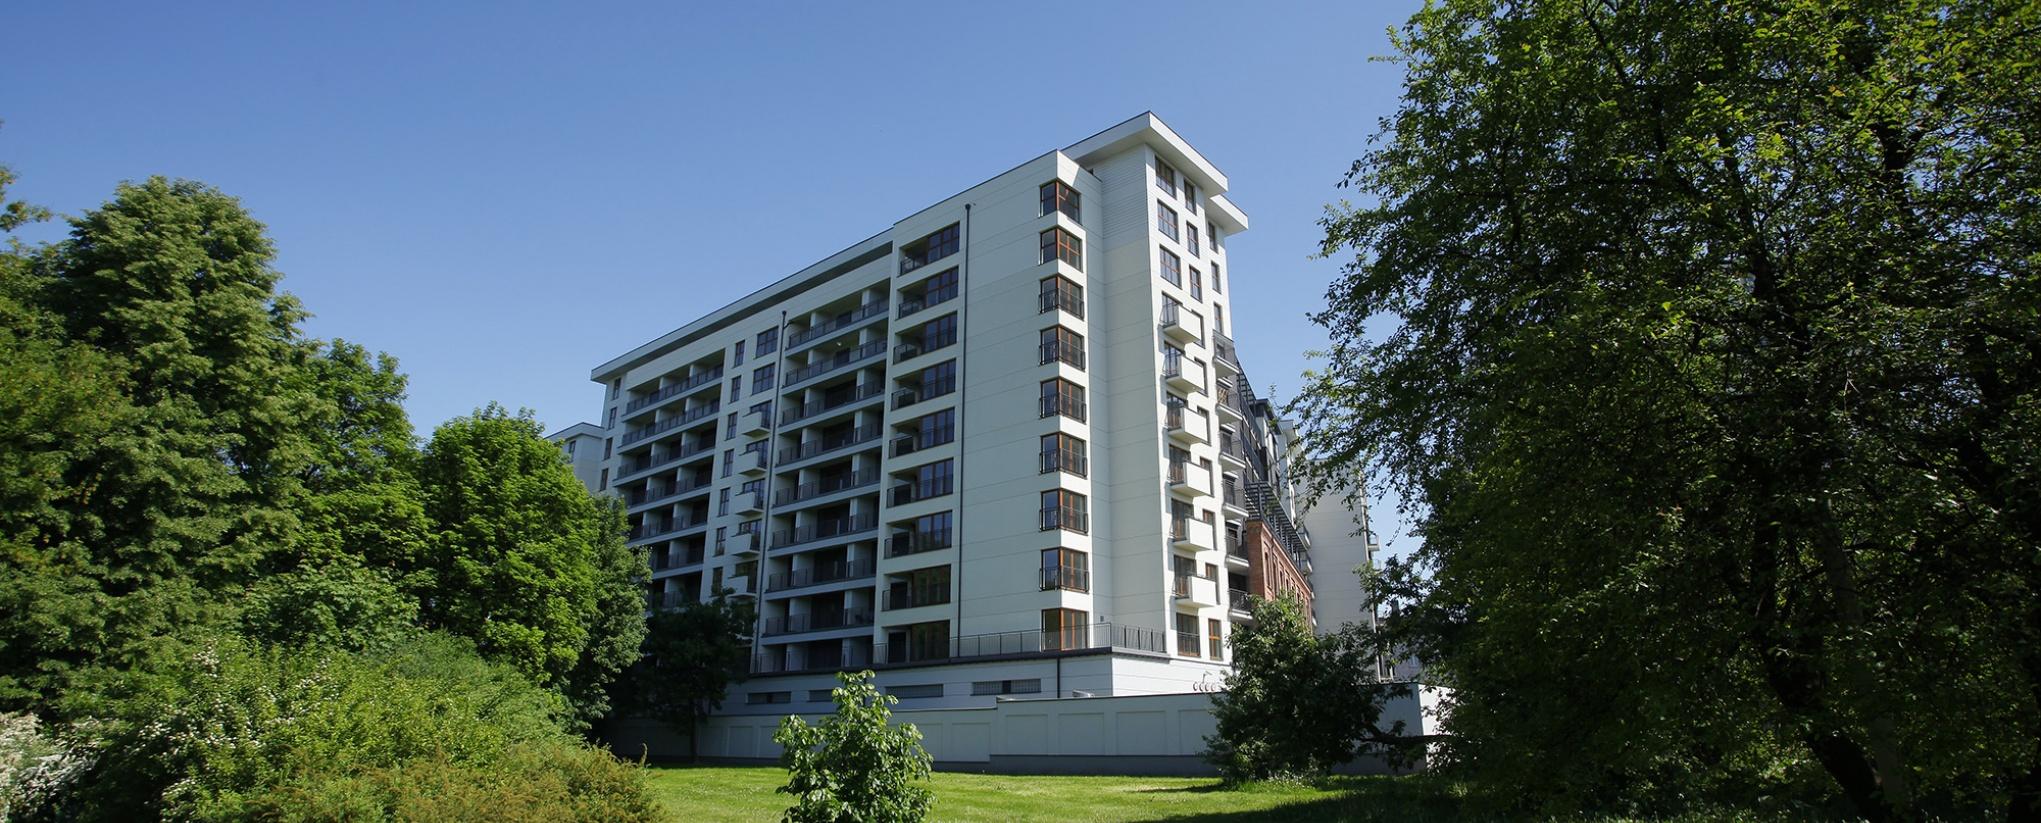 Łódź,Residential,ul. Łukasińskiego 4,1011